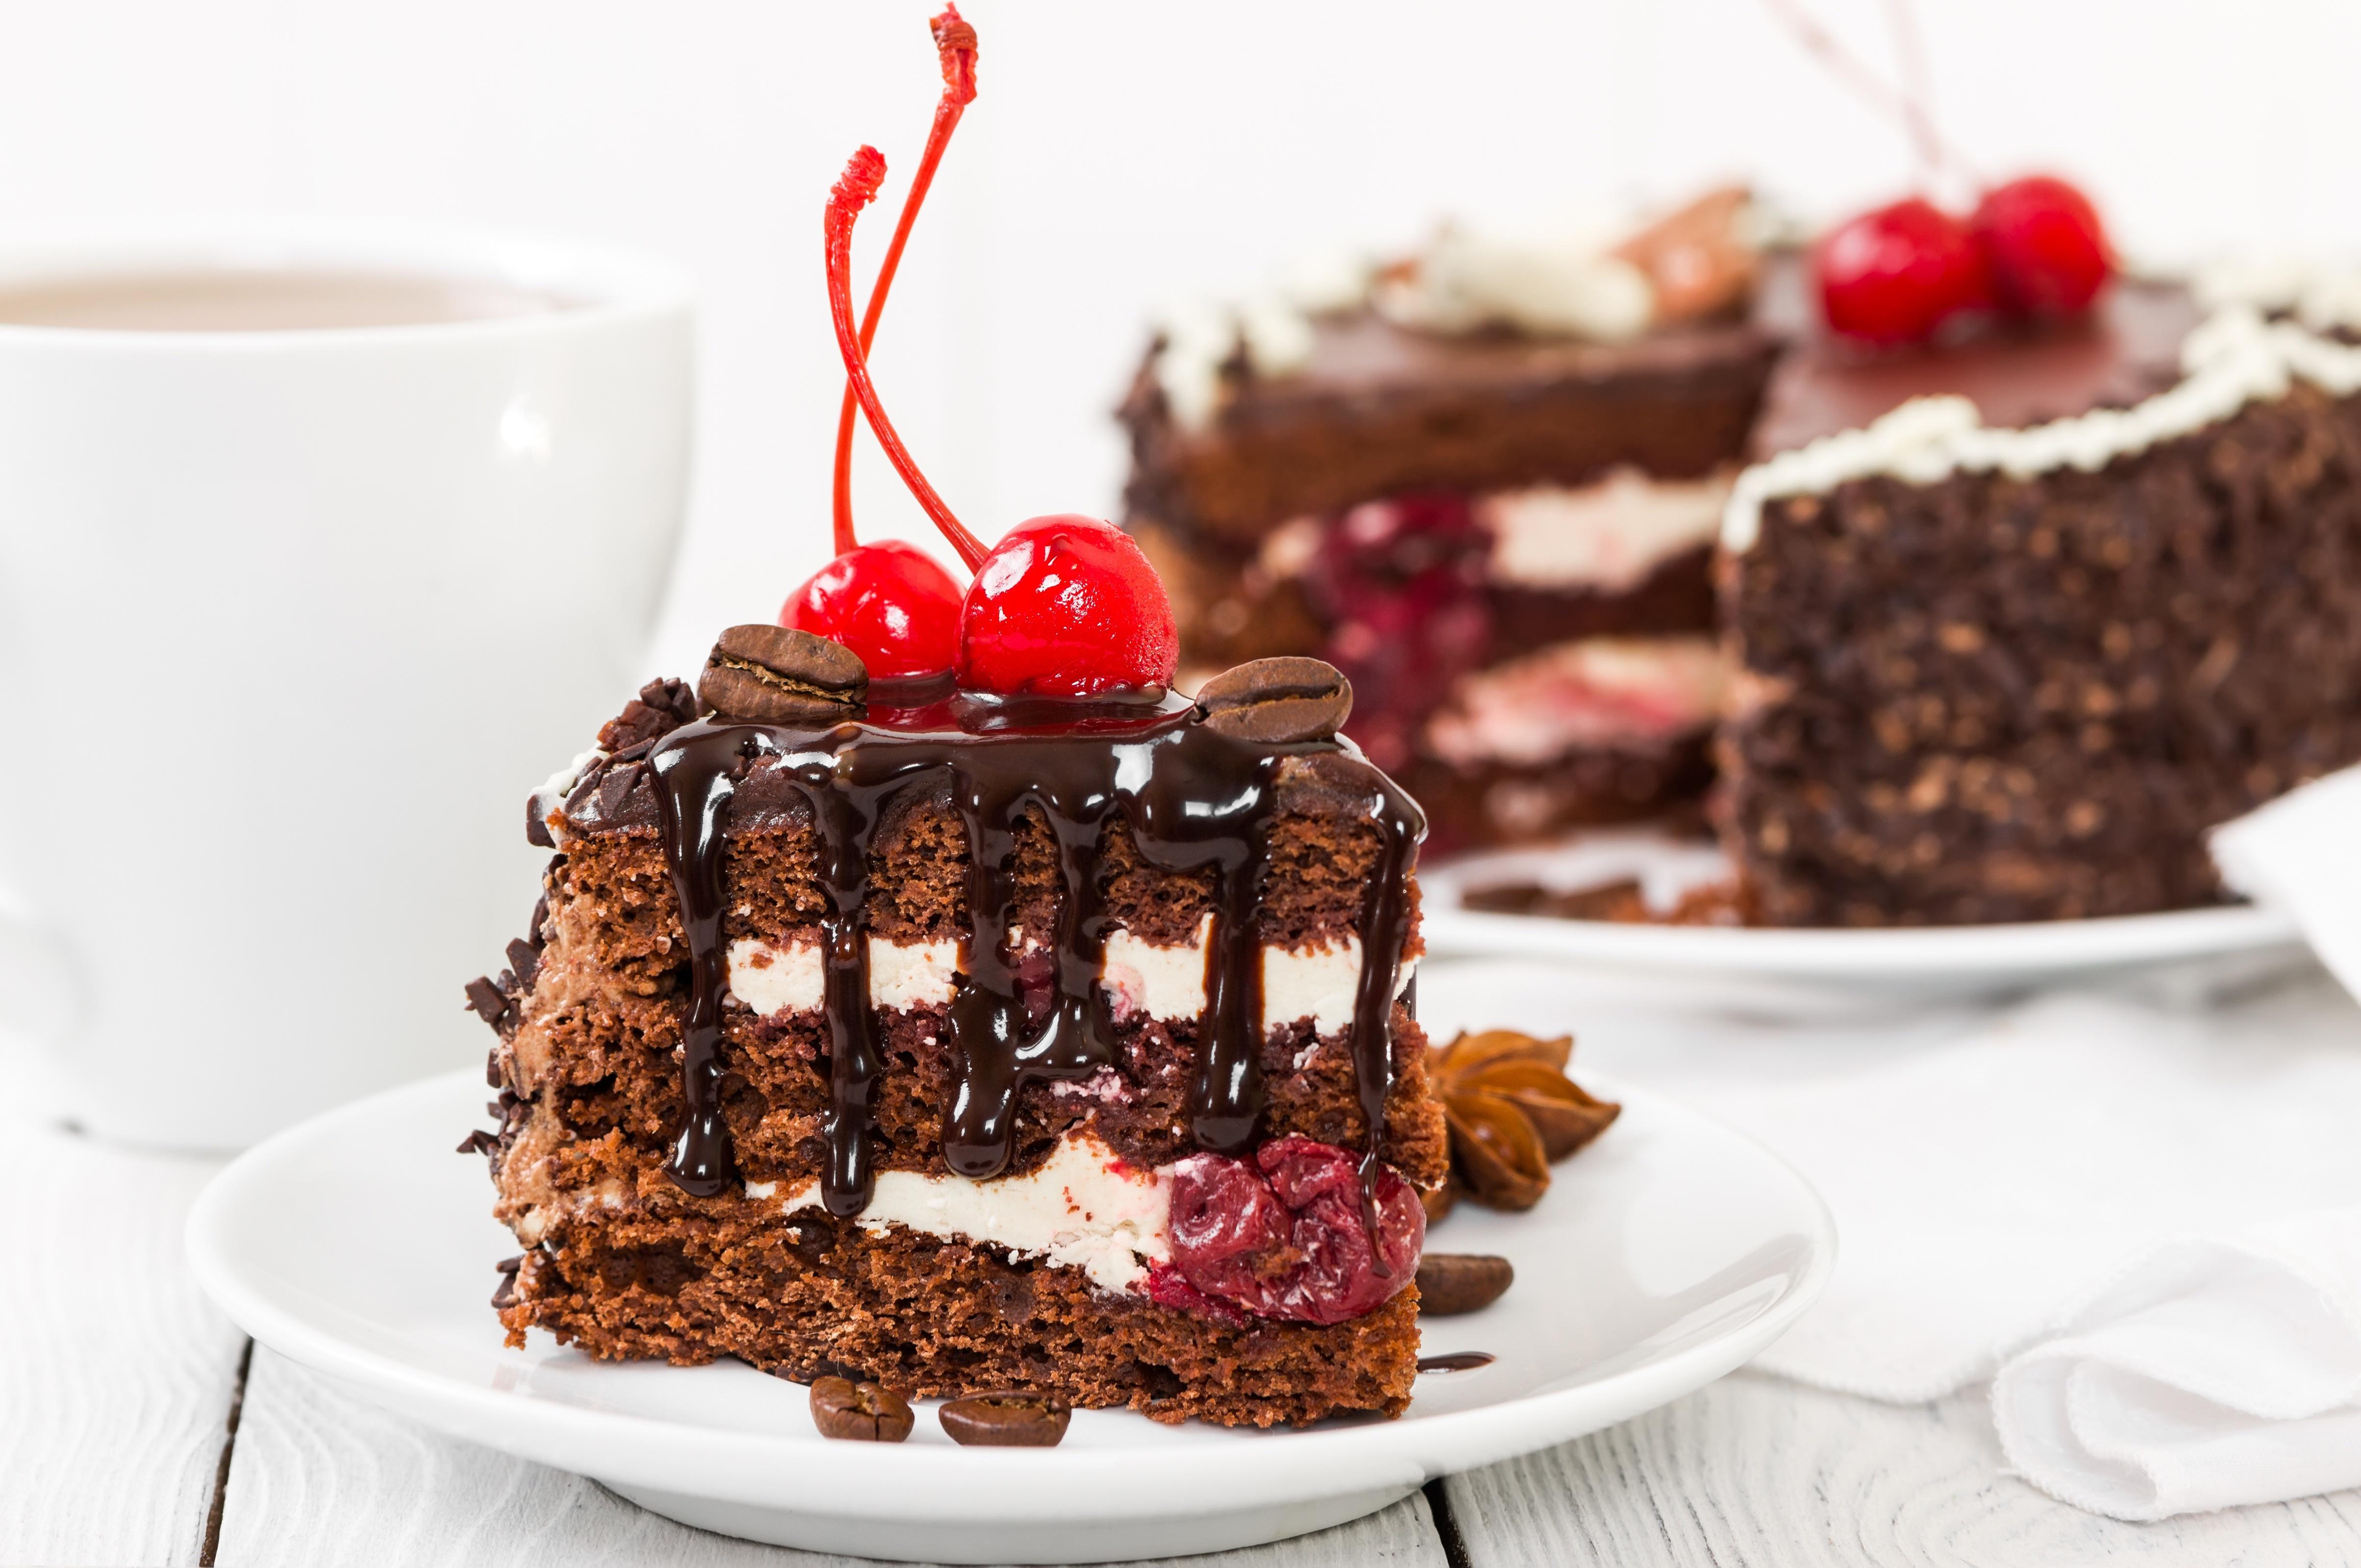 Картинка: Ломтик, торт, вишня, десерт, шоколад